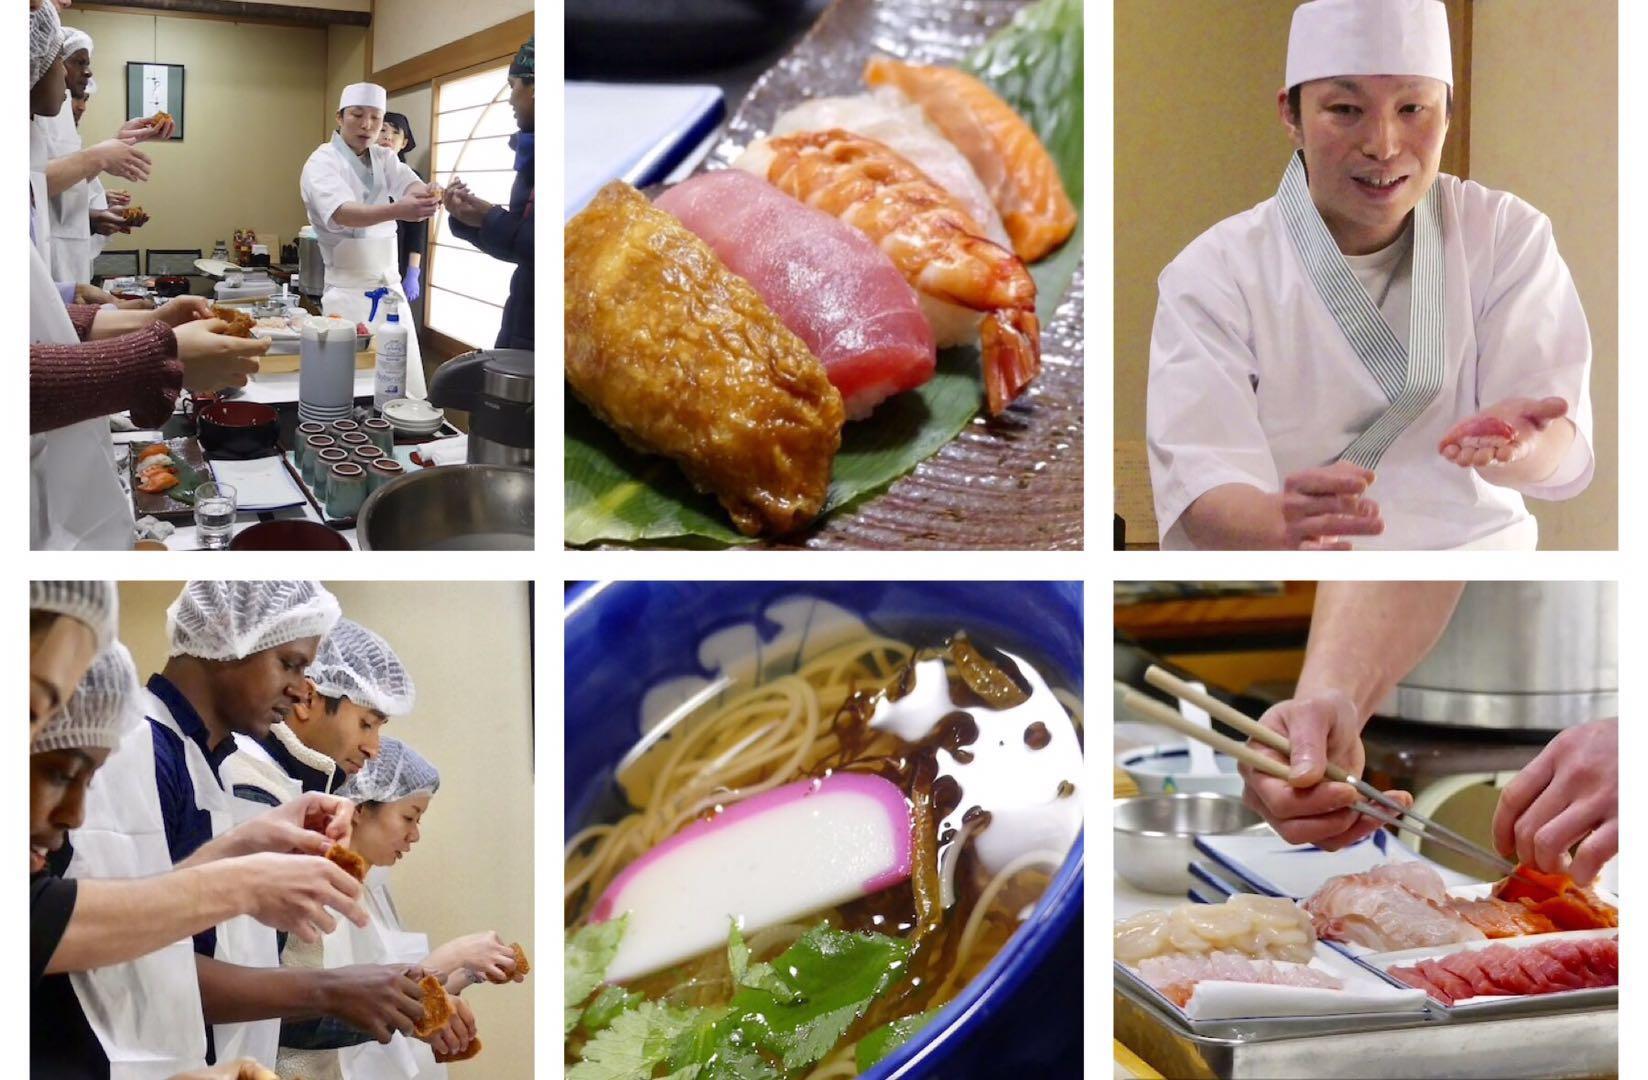 장인이 가르쳐 주는 본격 '초밥 체험'을 경험하신 후 시로이시 우멘과 함께 드셔 보세요!